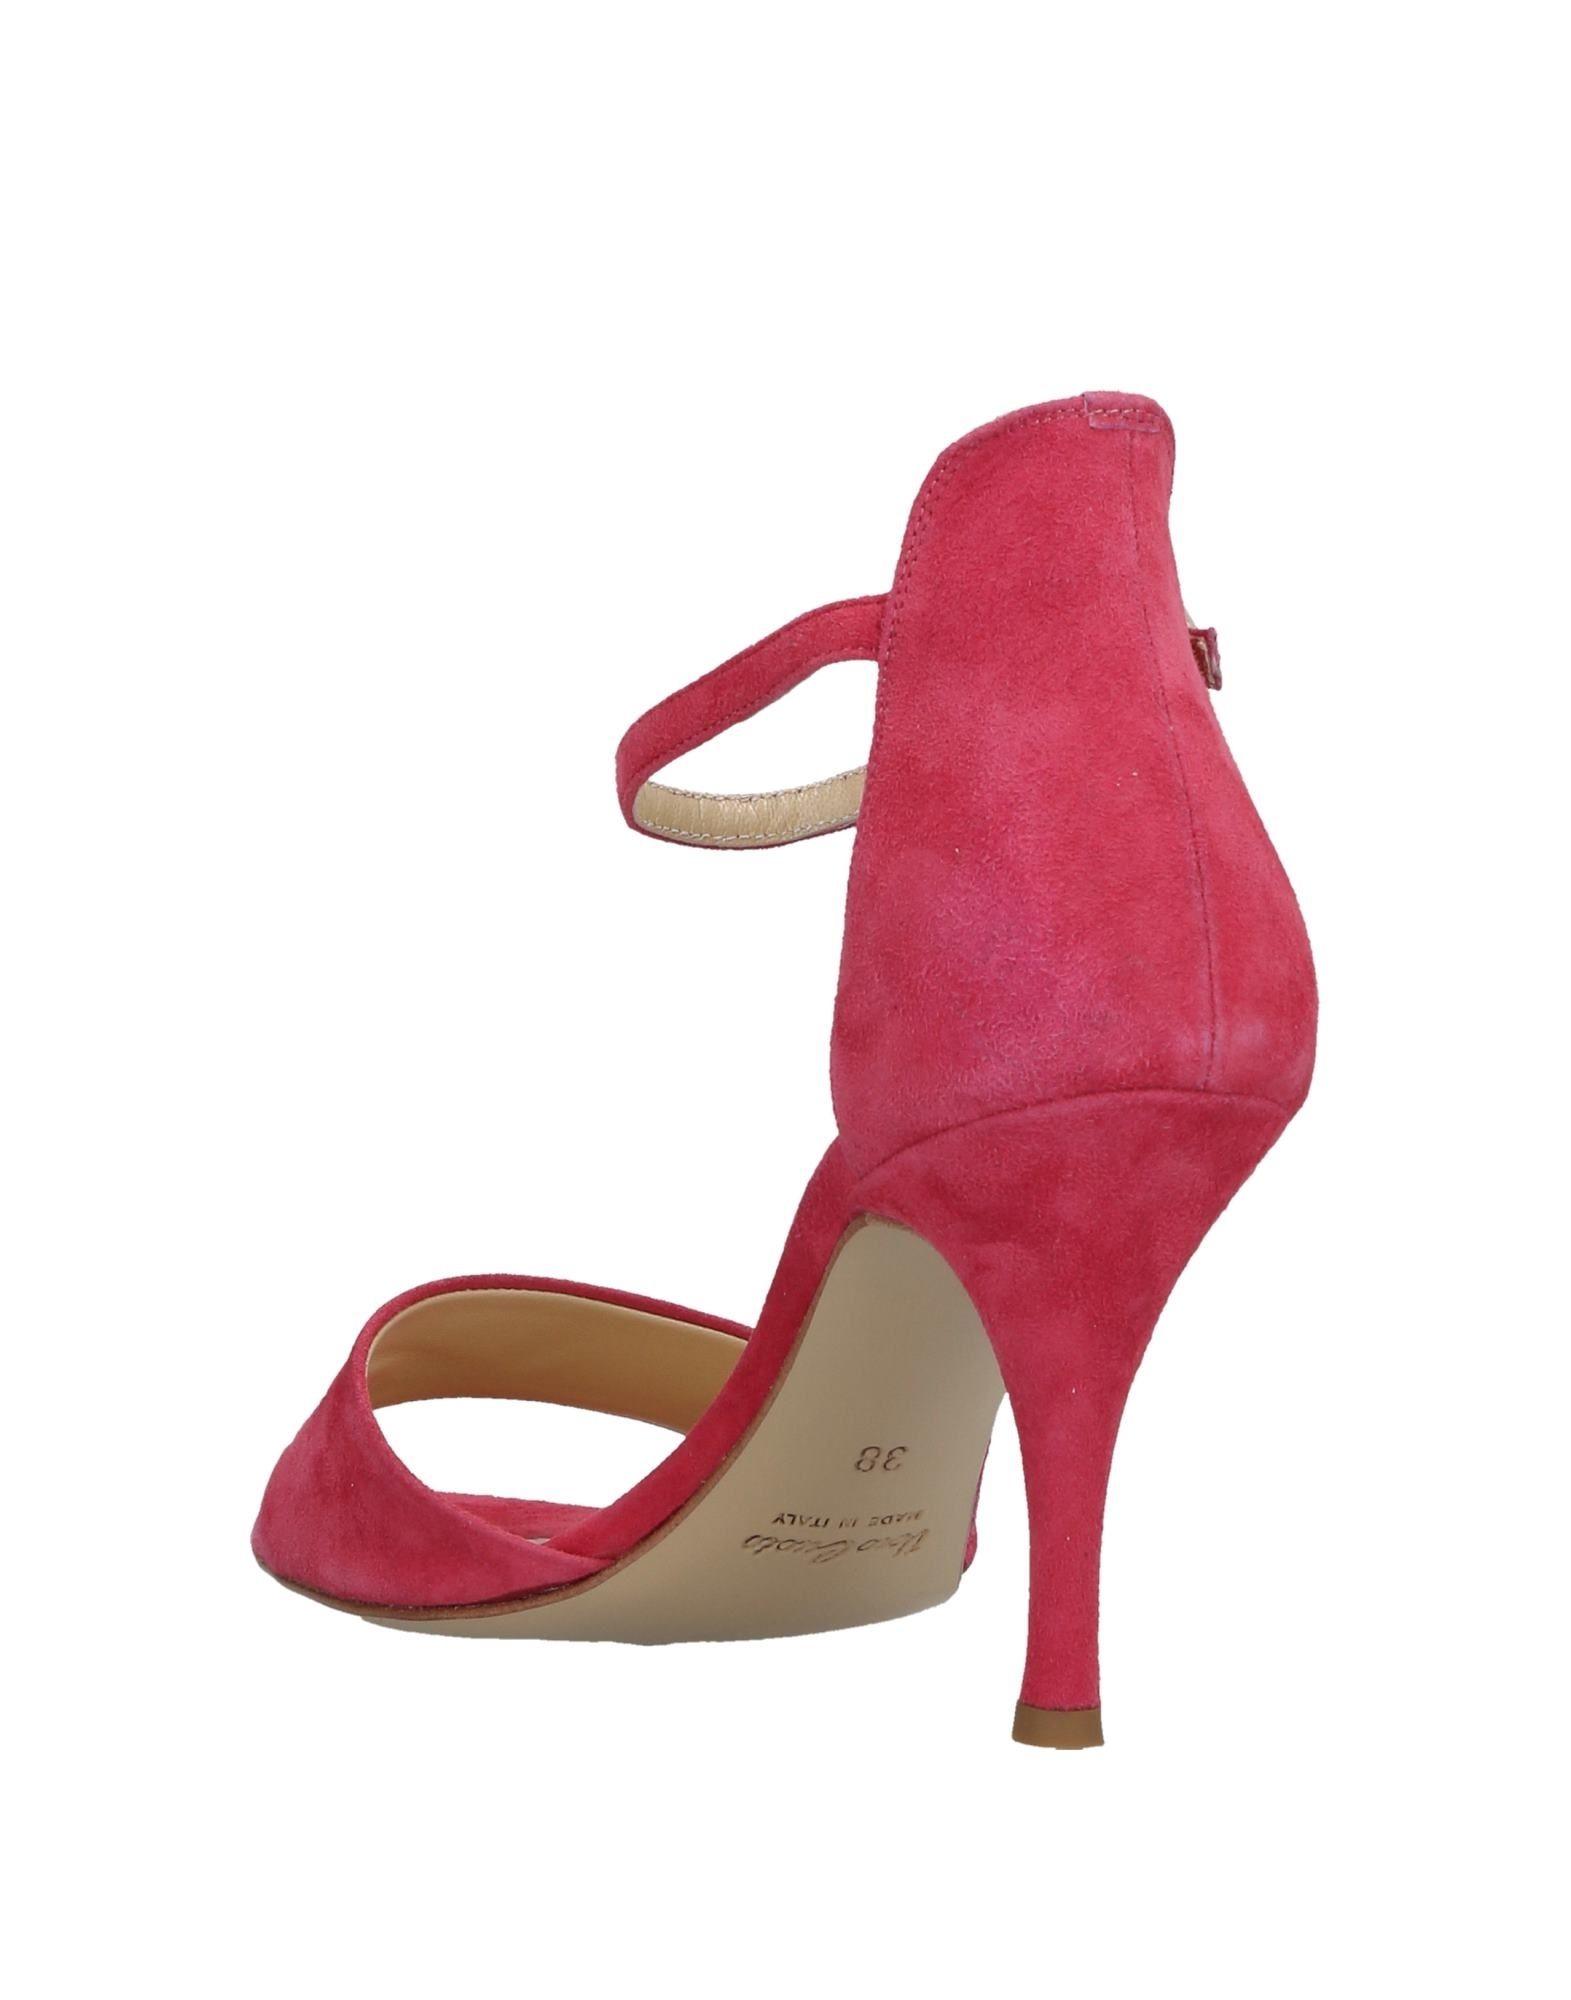 Islo Isabella Lorusso Neue Sandalen Damen  11533112AR Neue Lorusso Schuhe 35228f